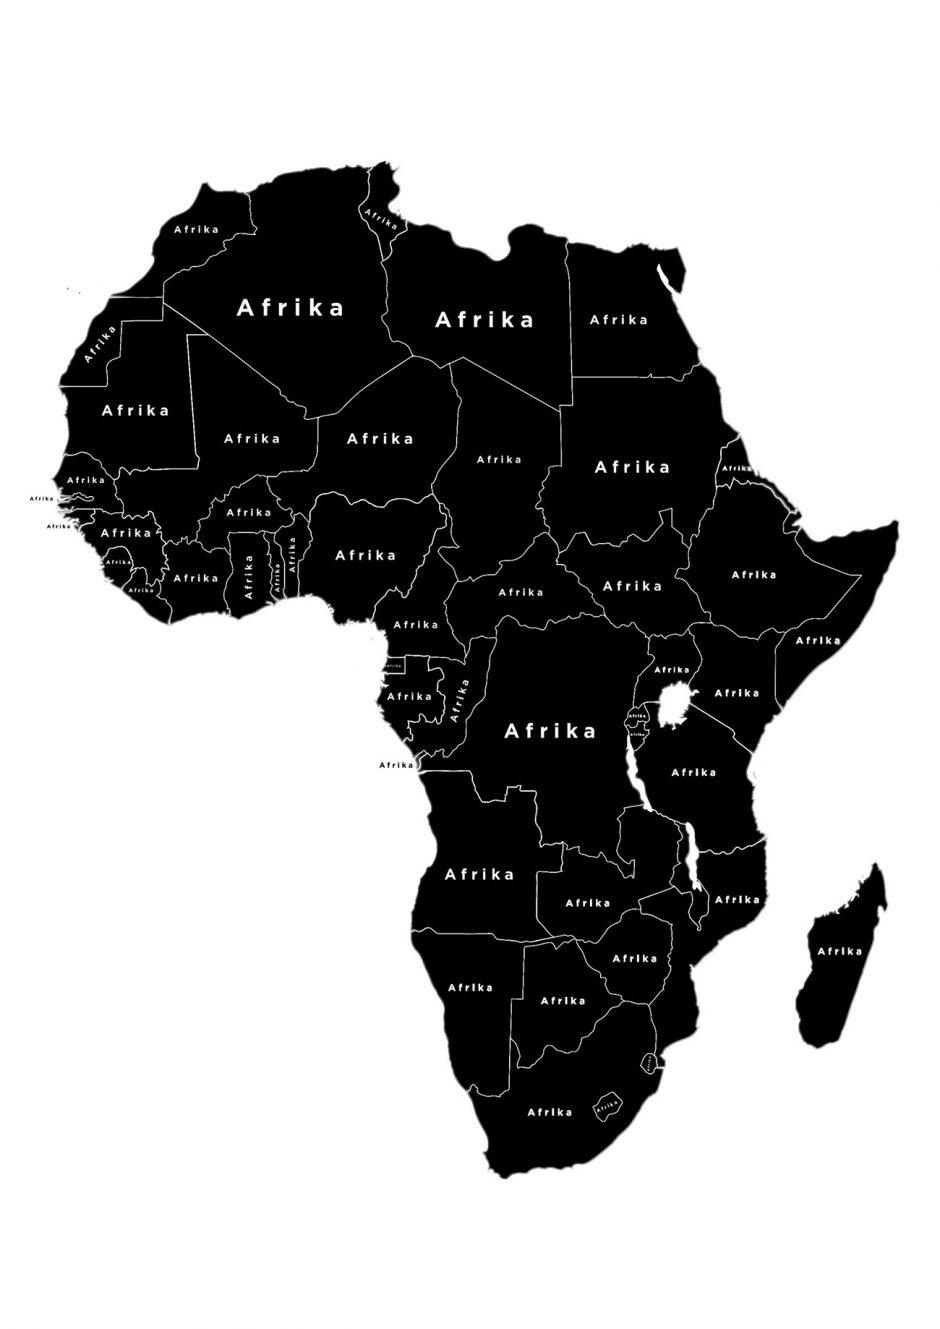 »Es ist der zweitgrößte Kontinent der Erde. Dort leben mehr als 1.000.000.000 Menschen in 54 verschiedenen Ländern. Die Fläche von etwa 30.200.000 km² wird in 6 Zeitzonen unterteilt. Auf dem gesamten Kontinent werden mehr als 2000 Sprachen gesprochen. Und doch ist die Rede immer wieder nur von »Afrika«.«